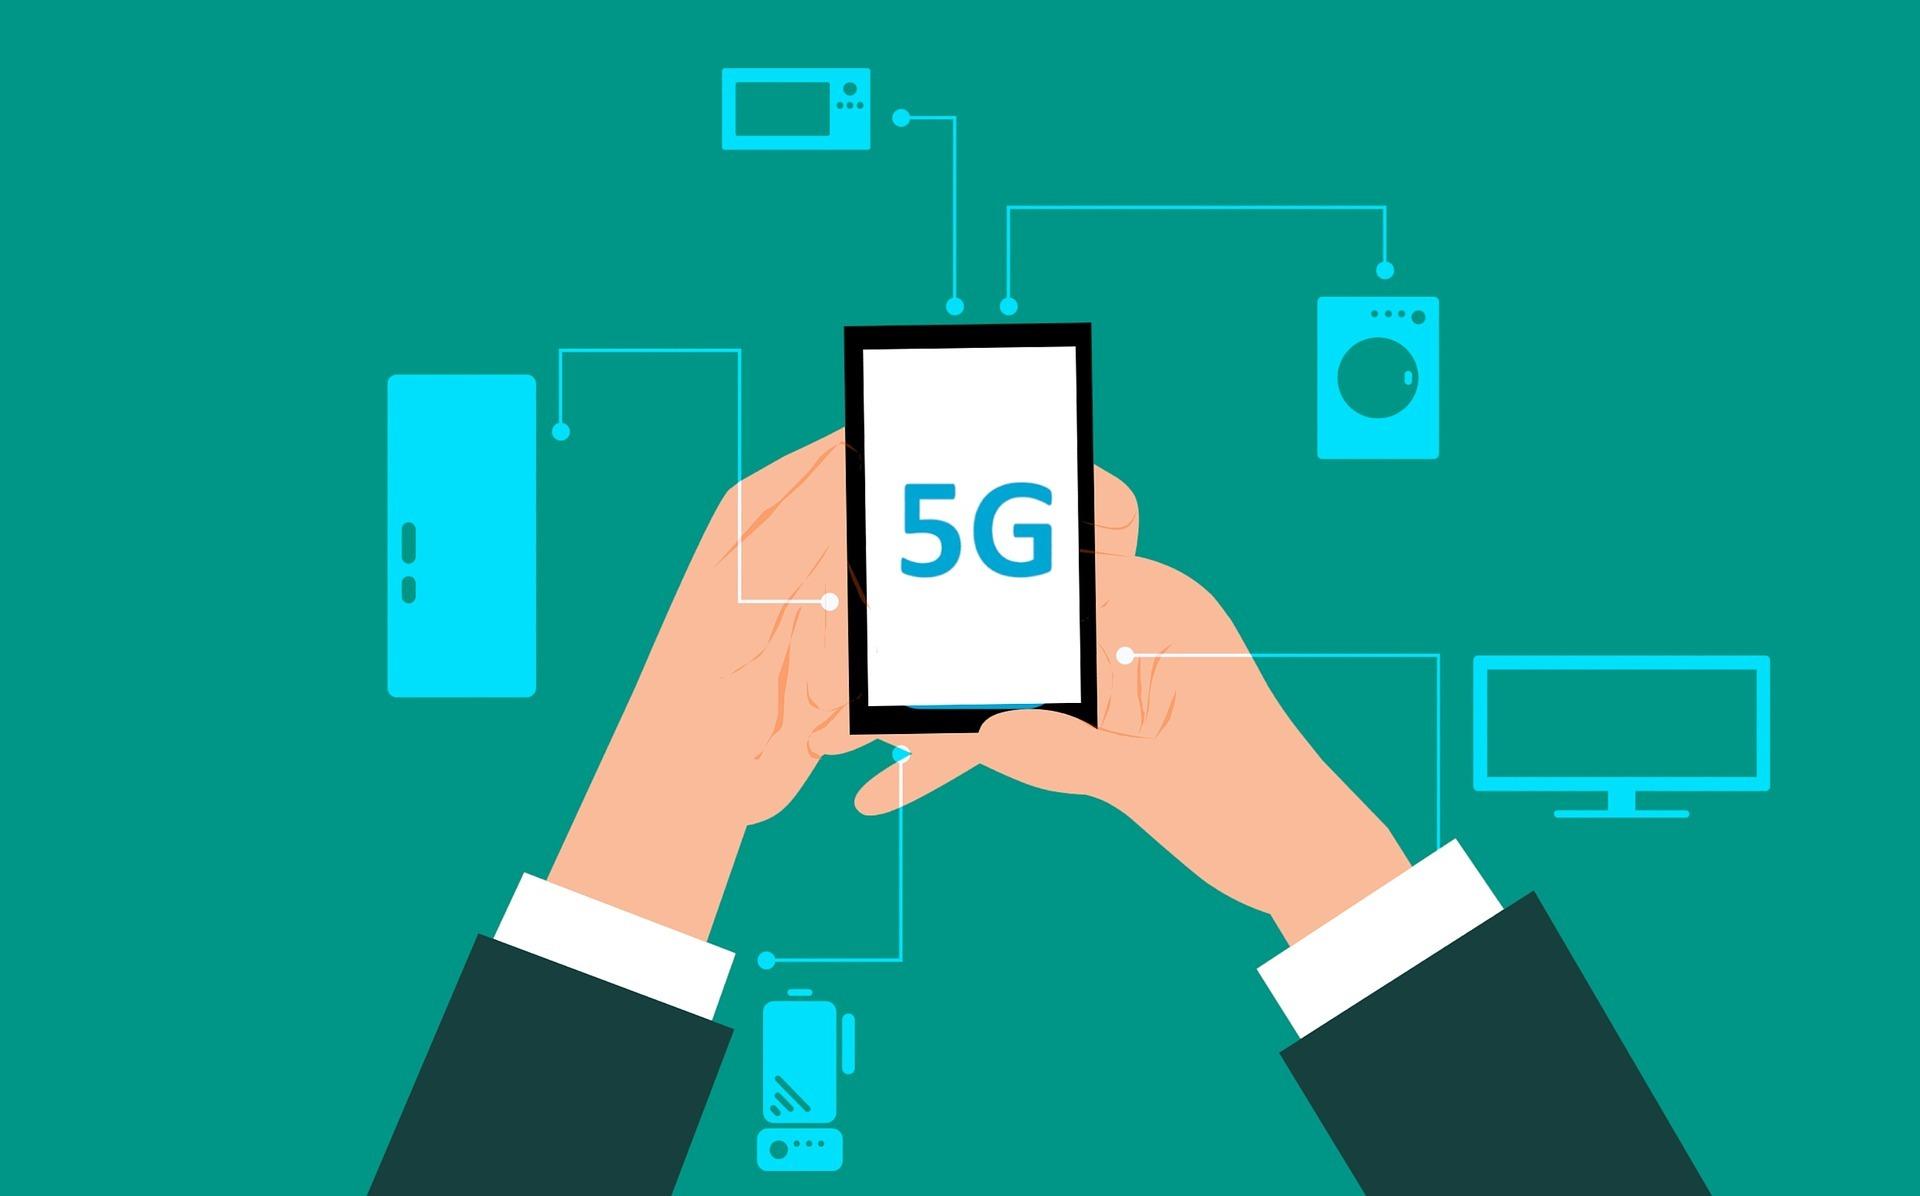 中華電信拚轉型為 5G 做準備,聚焦數位創新服務